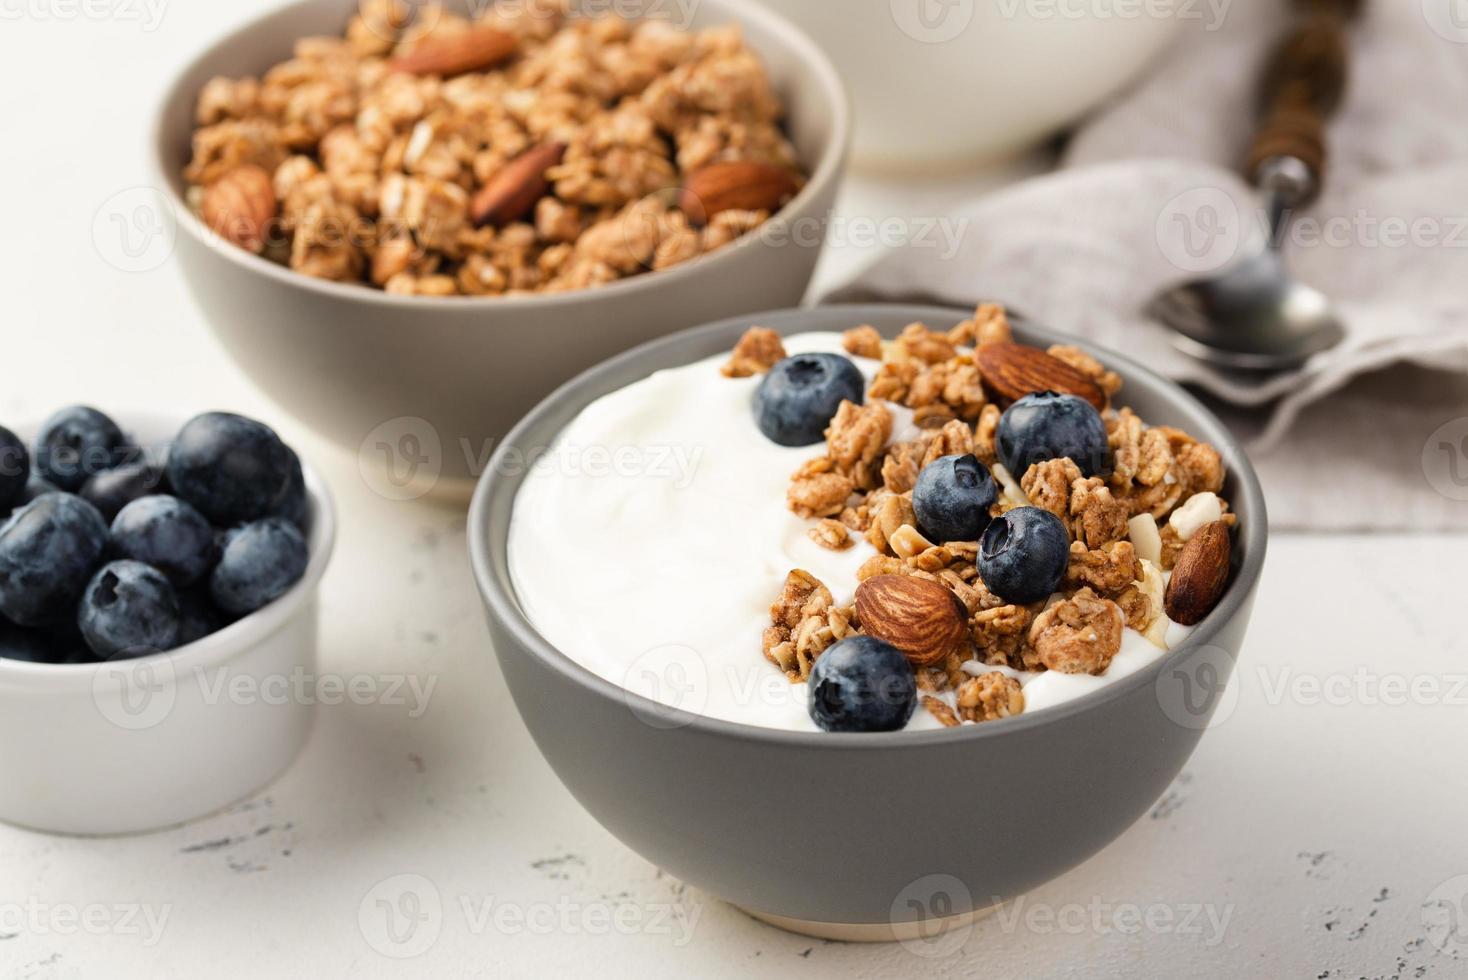 cereali per la colazione ad angolo alto con mirtilli e yogurt foto